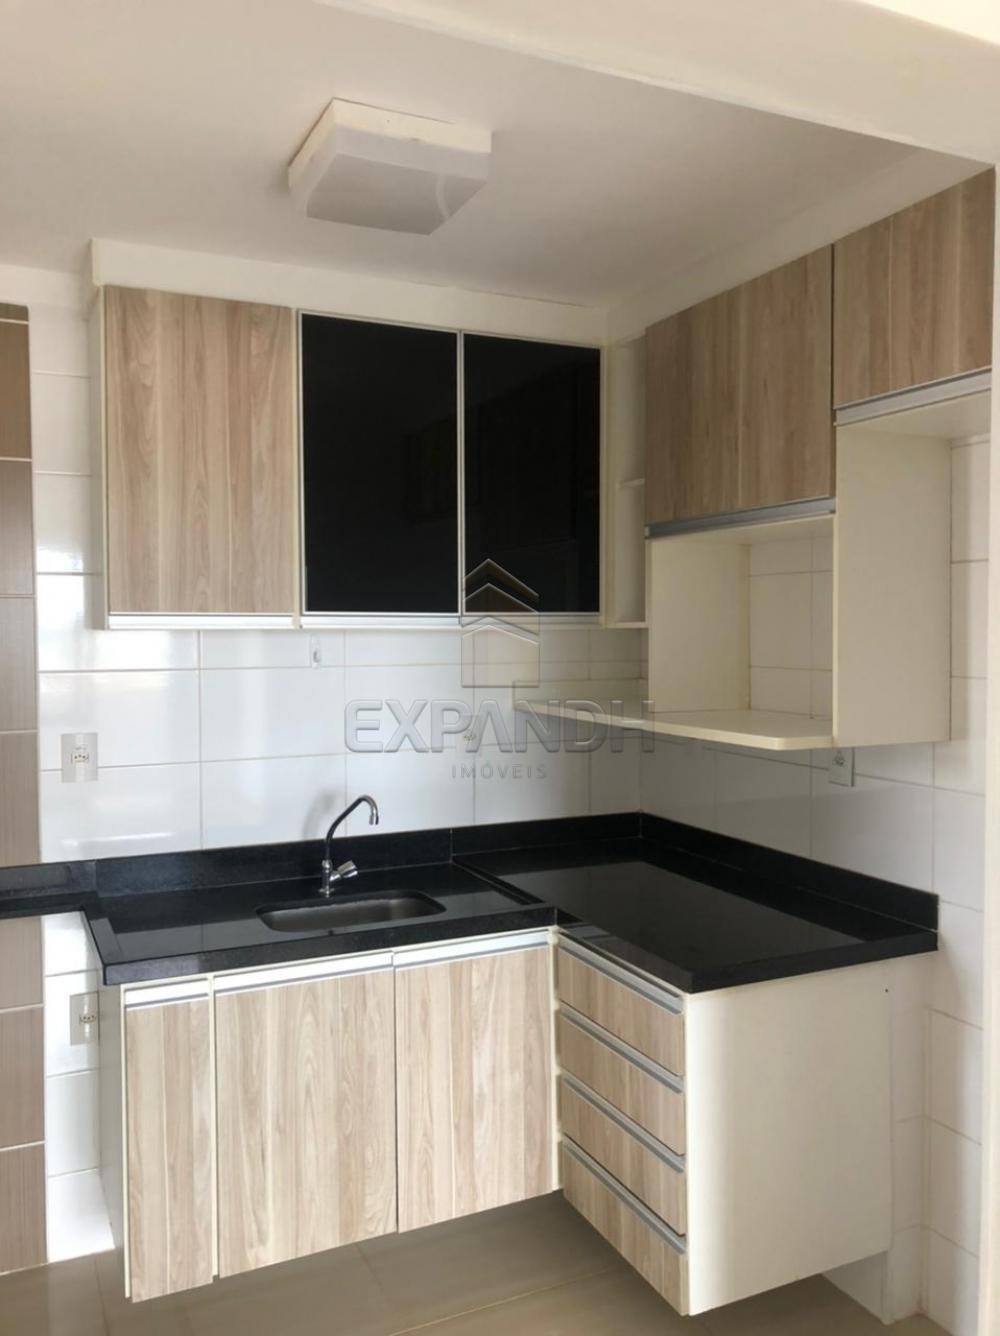 Alugar Apartamentos / Padrão em Sertãozinho apenas R$ 1.250,00 - Foto 5